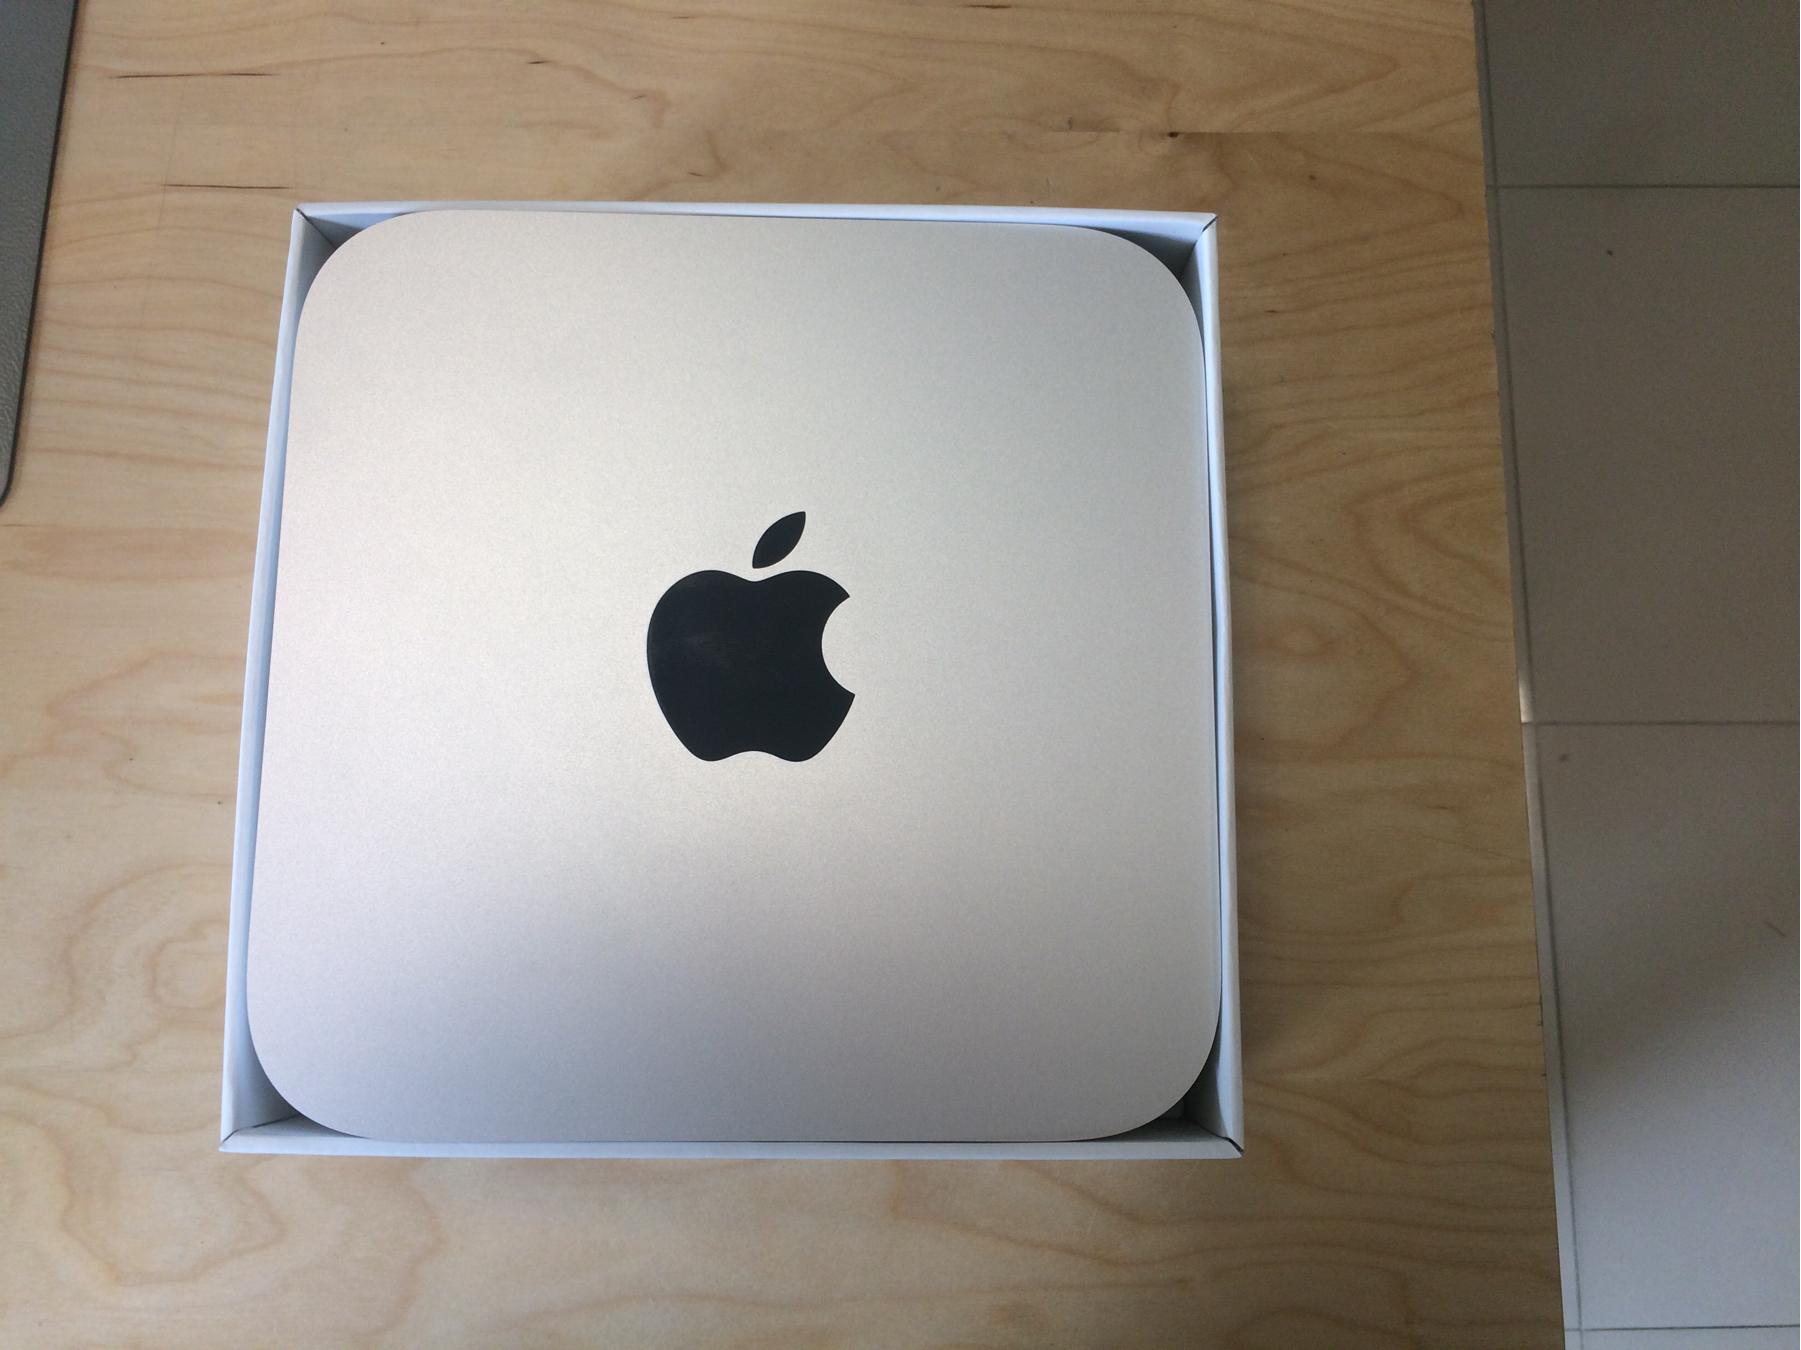 Mac Mini Late 2014 (Intel Core i5 2.6 GHz 8 GB RAM 1 TB HDD), Intel Core i5 2.6 GHz, 8 GB RAM, 1 TB HDD, obraz 4